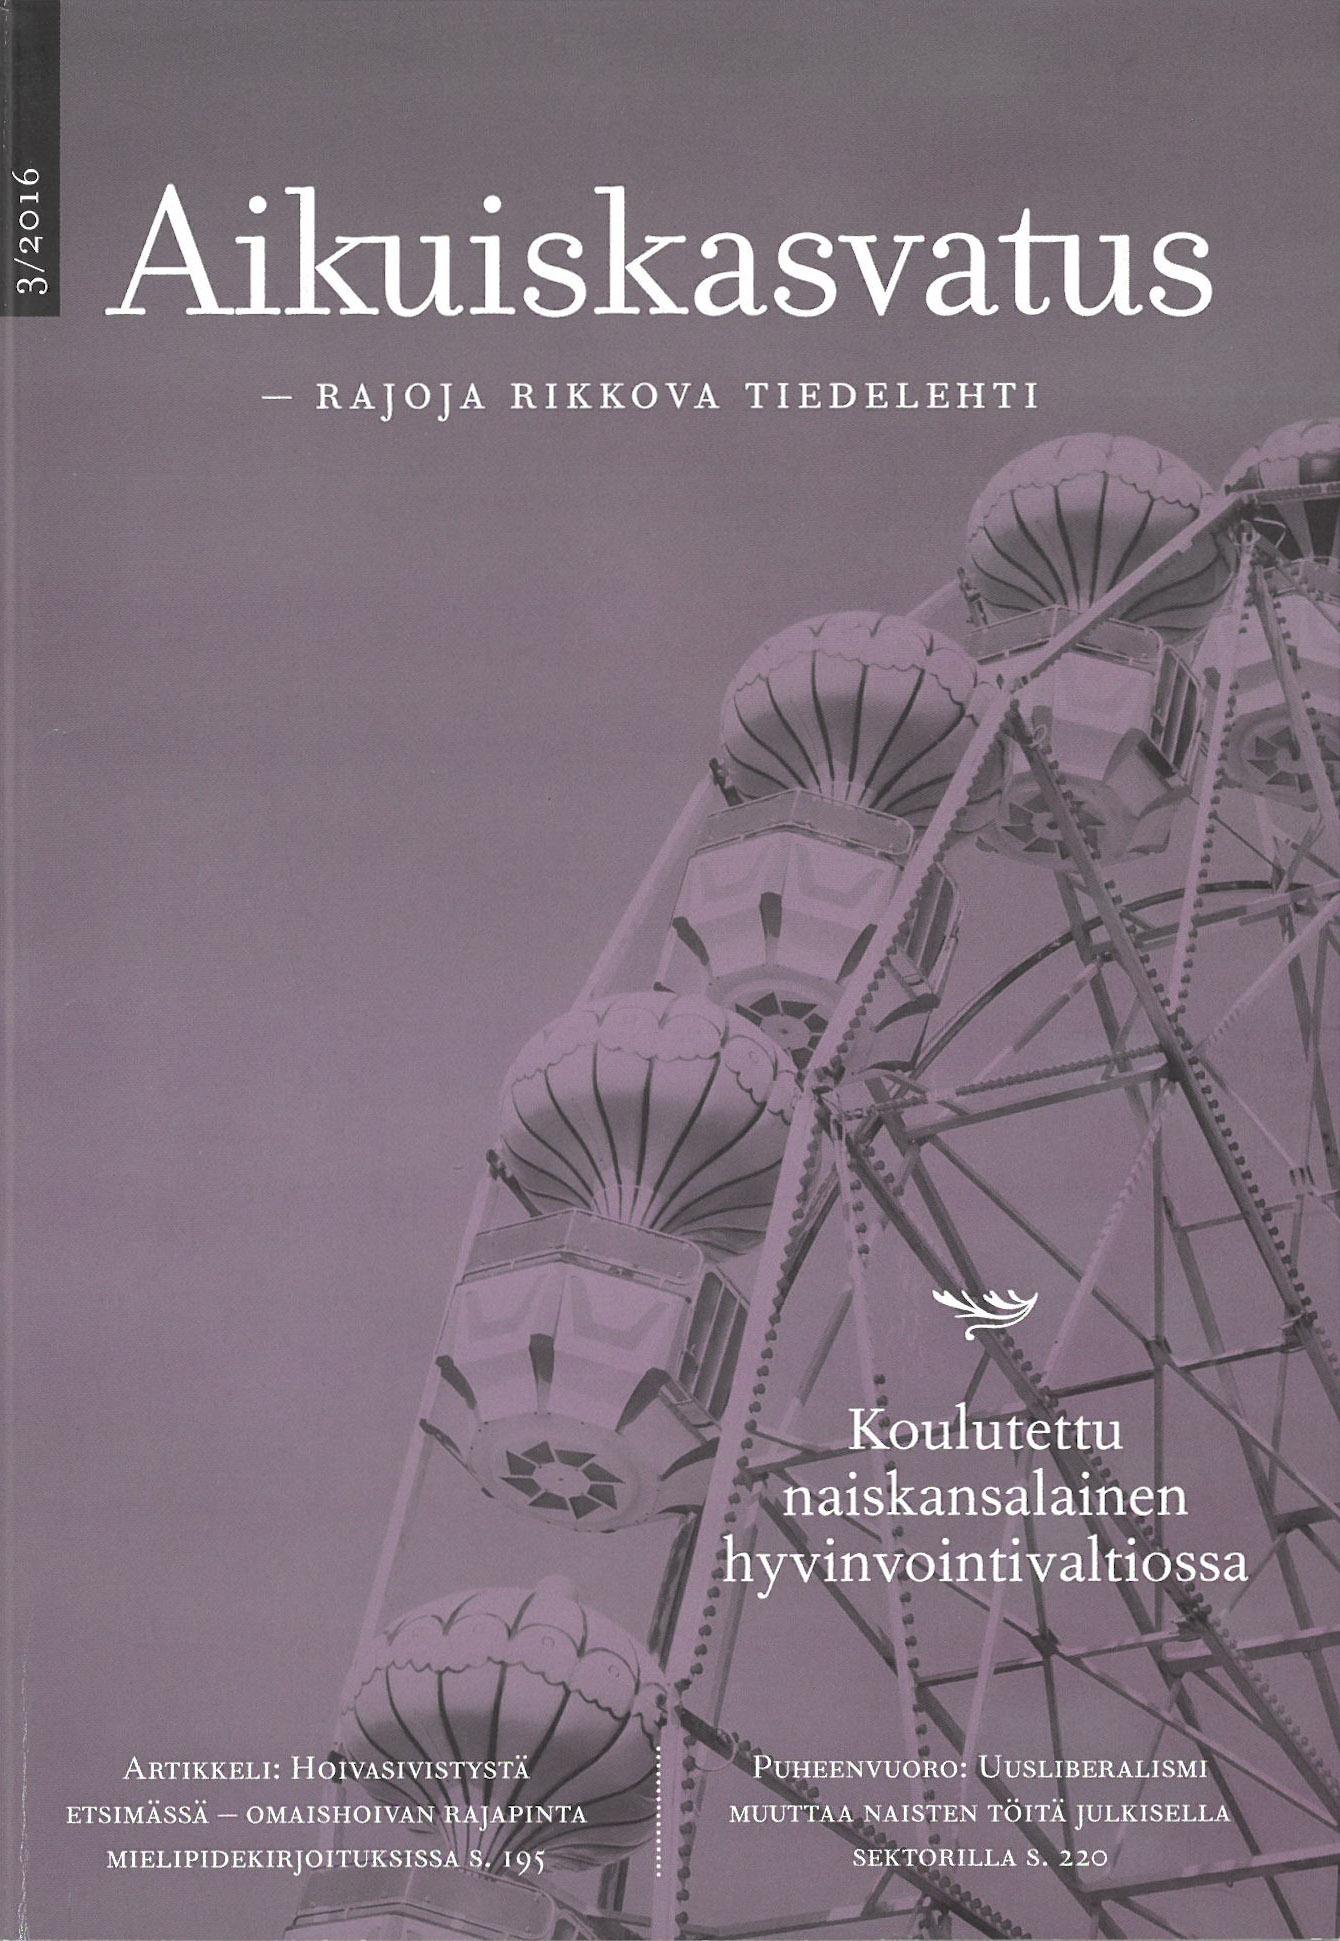 Kansi Aikuiskasvatus 3/2016, rajoja rikkova tiedelehti. Teemana koulutettu naiskansalainen hyvinvointivaltiossa.